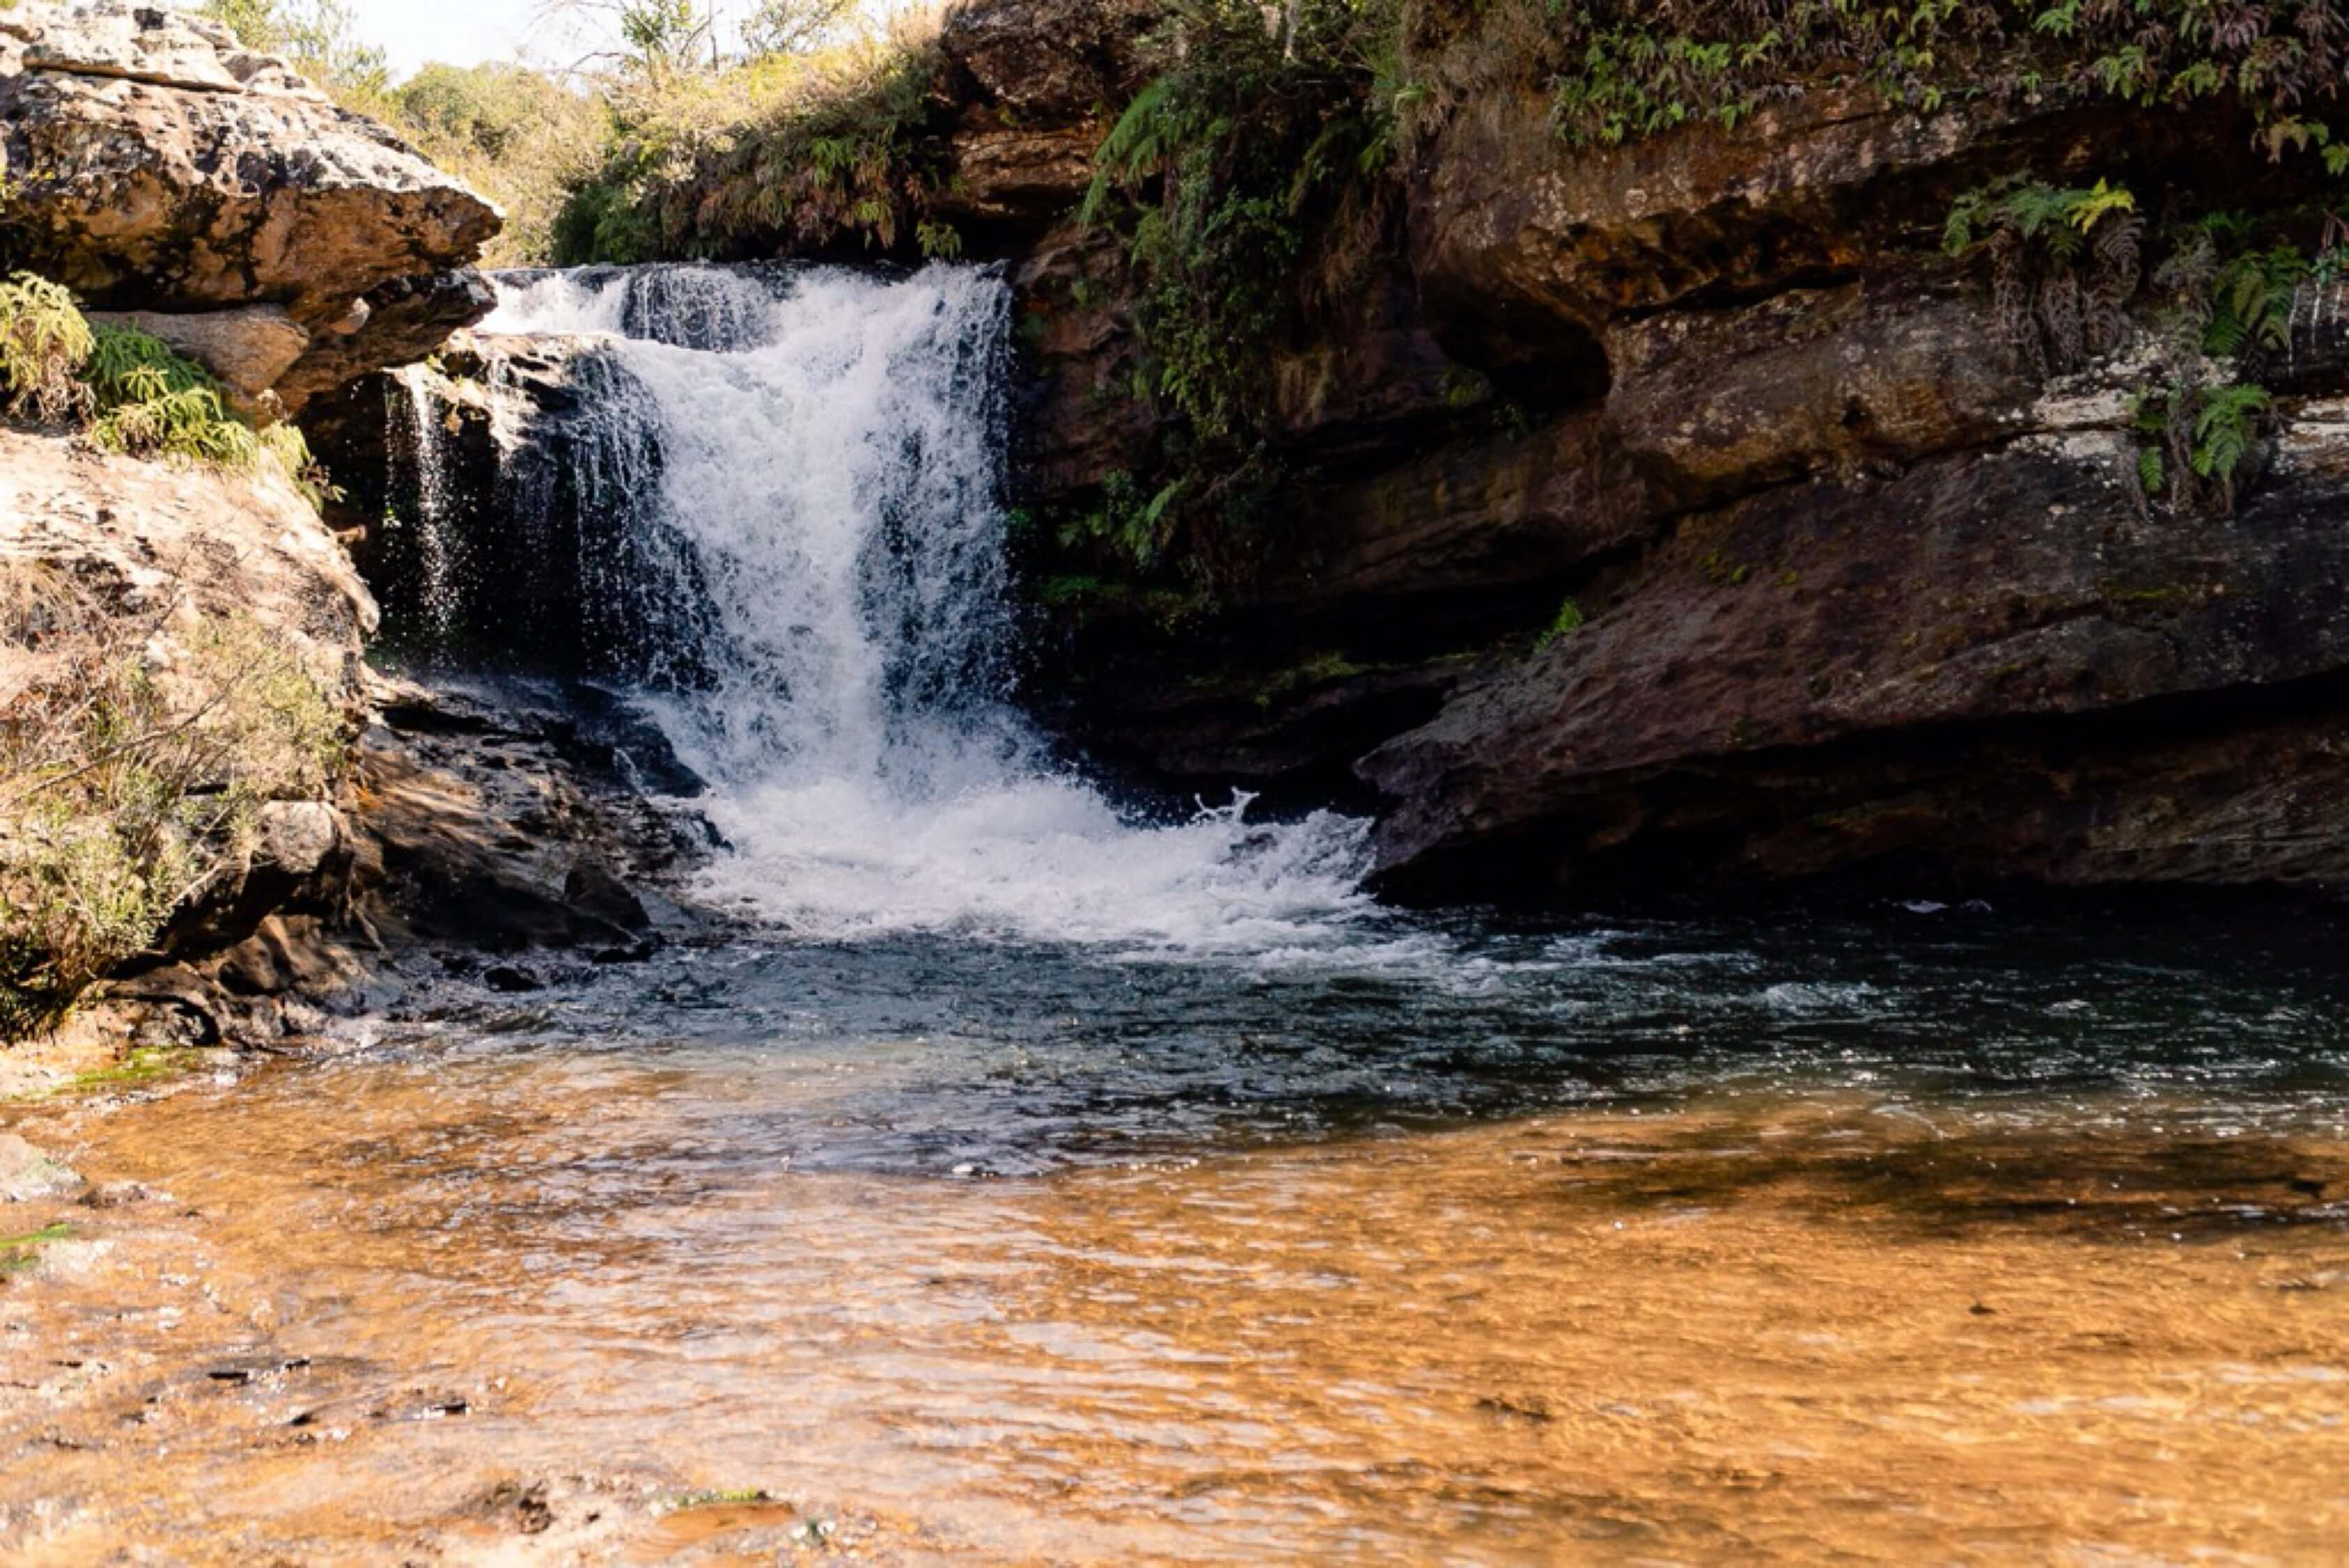 Cachoeiras no Paraná perto de Curitiba